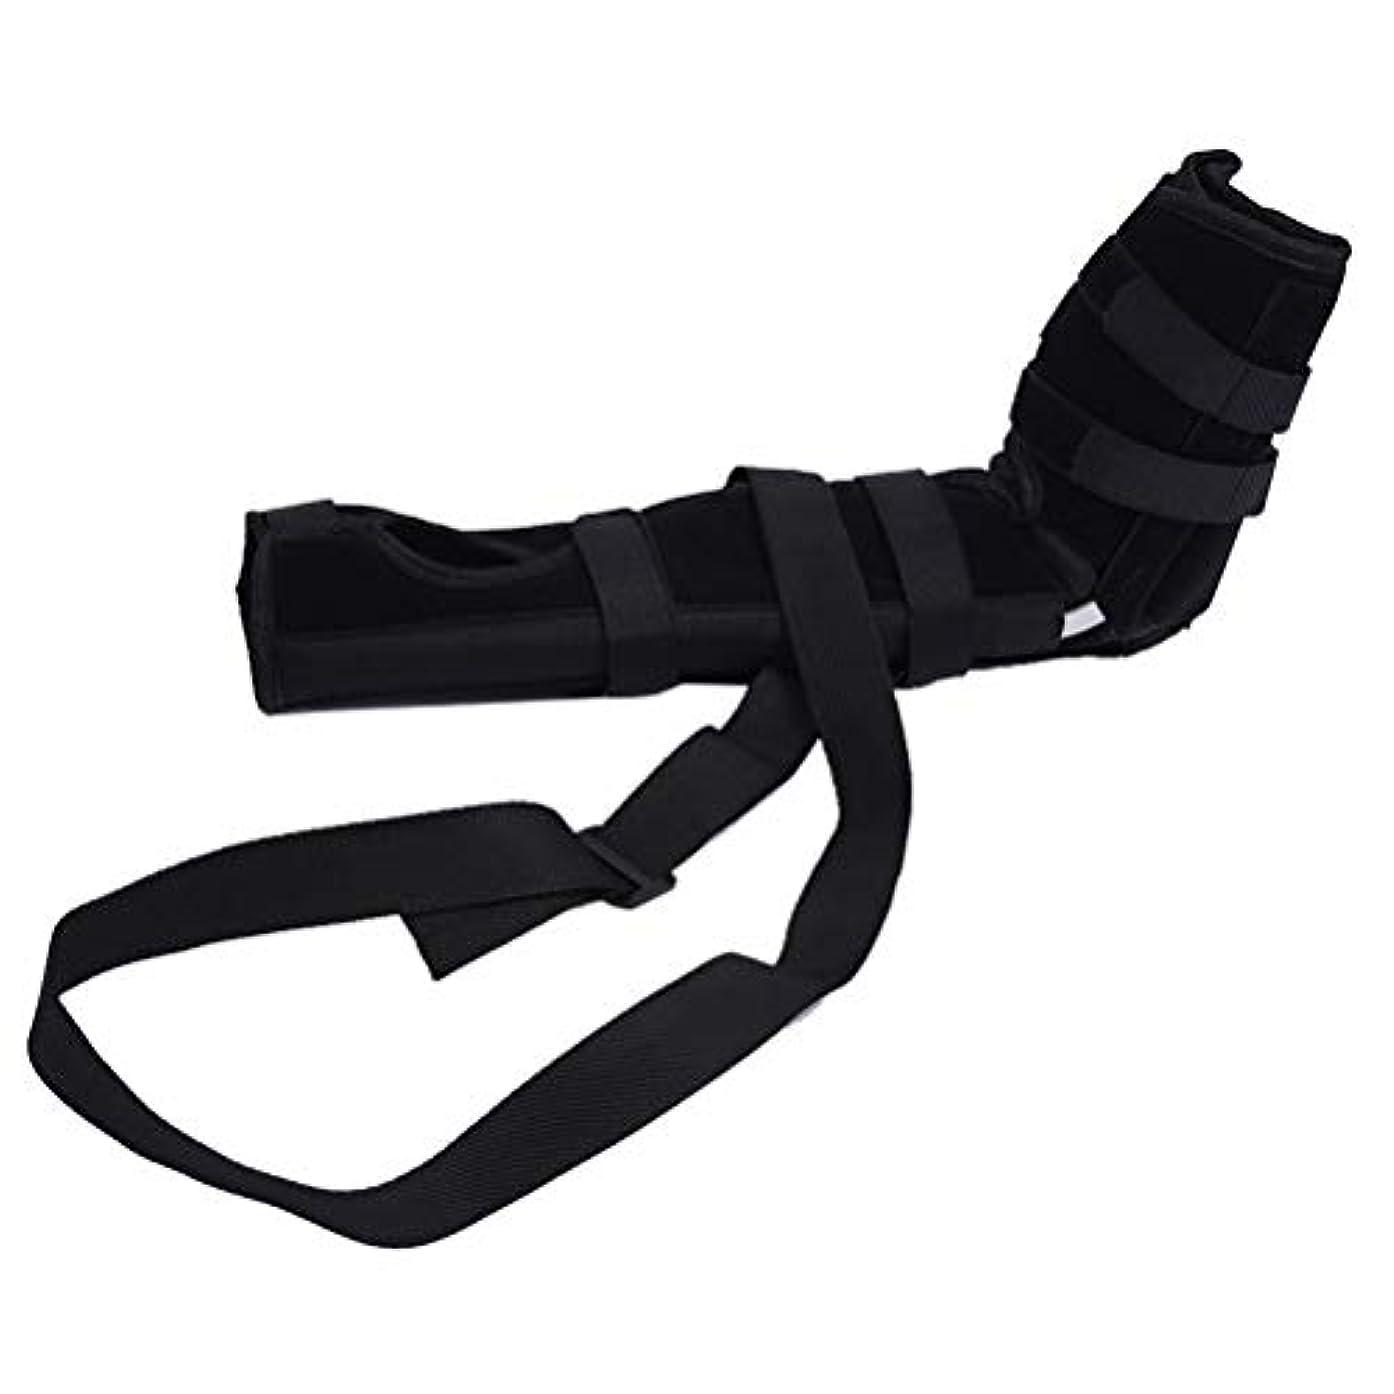 バイパス絞る六月SUPVOX 肘ブレース 関節サポート アームリーダー 保護 固定 腕つり 関節 保護 男女兼用 調節可能 通気性 術後ケアブレース(ブラック サイズS)